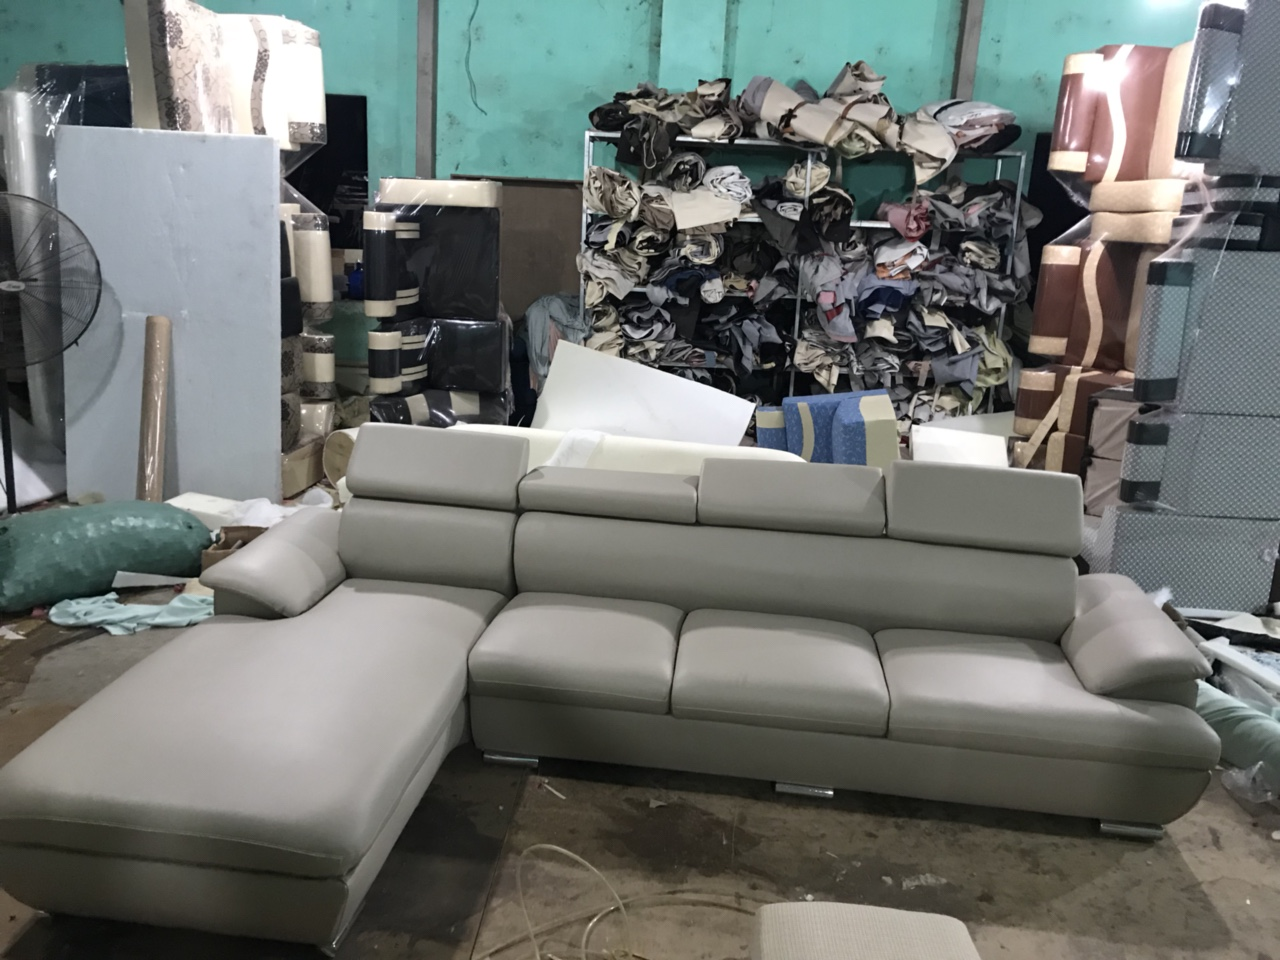 Những sai lầm thường gặp khi chọn mua sofa mà rất nhiều người mắc phải